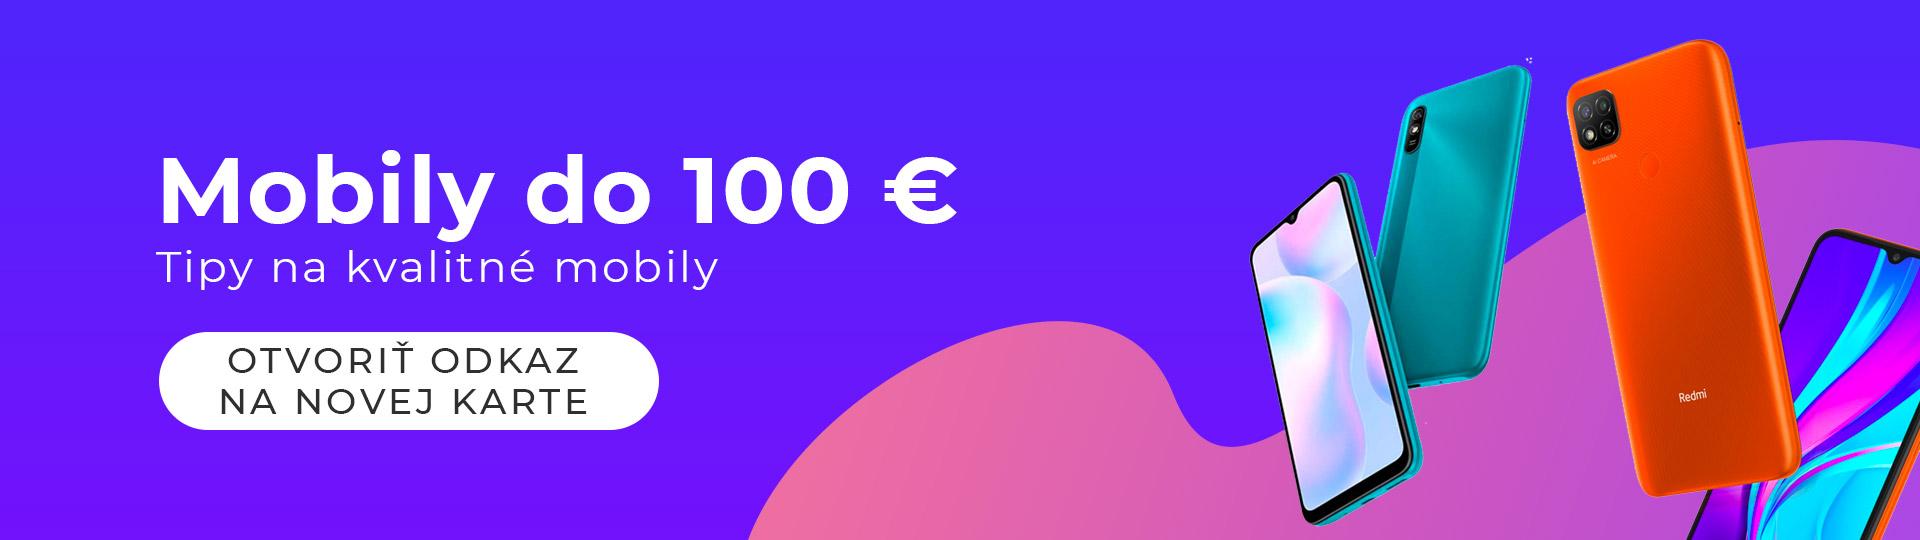 Mobily do 100 eur - odporúčané